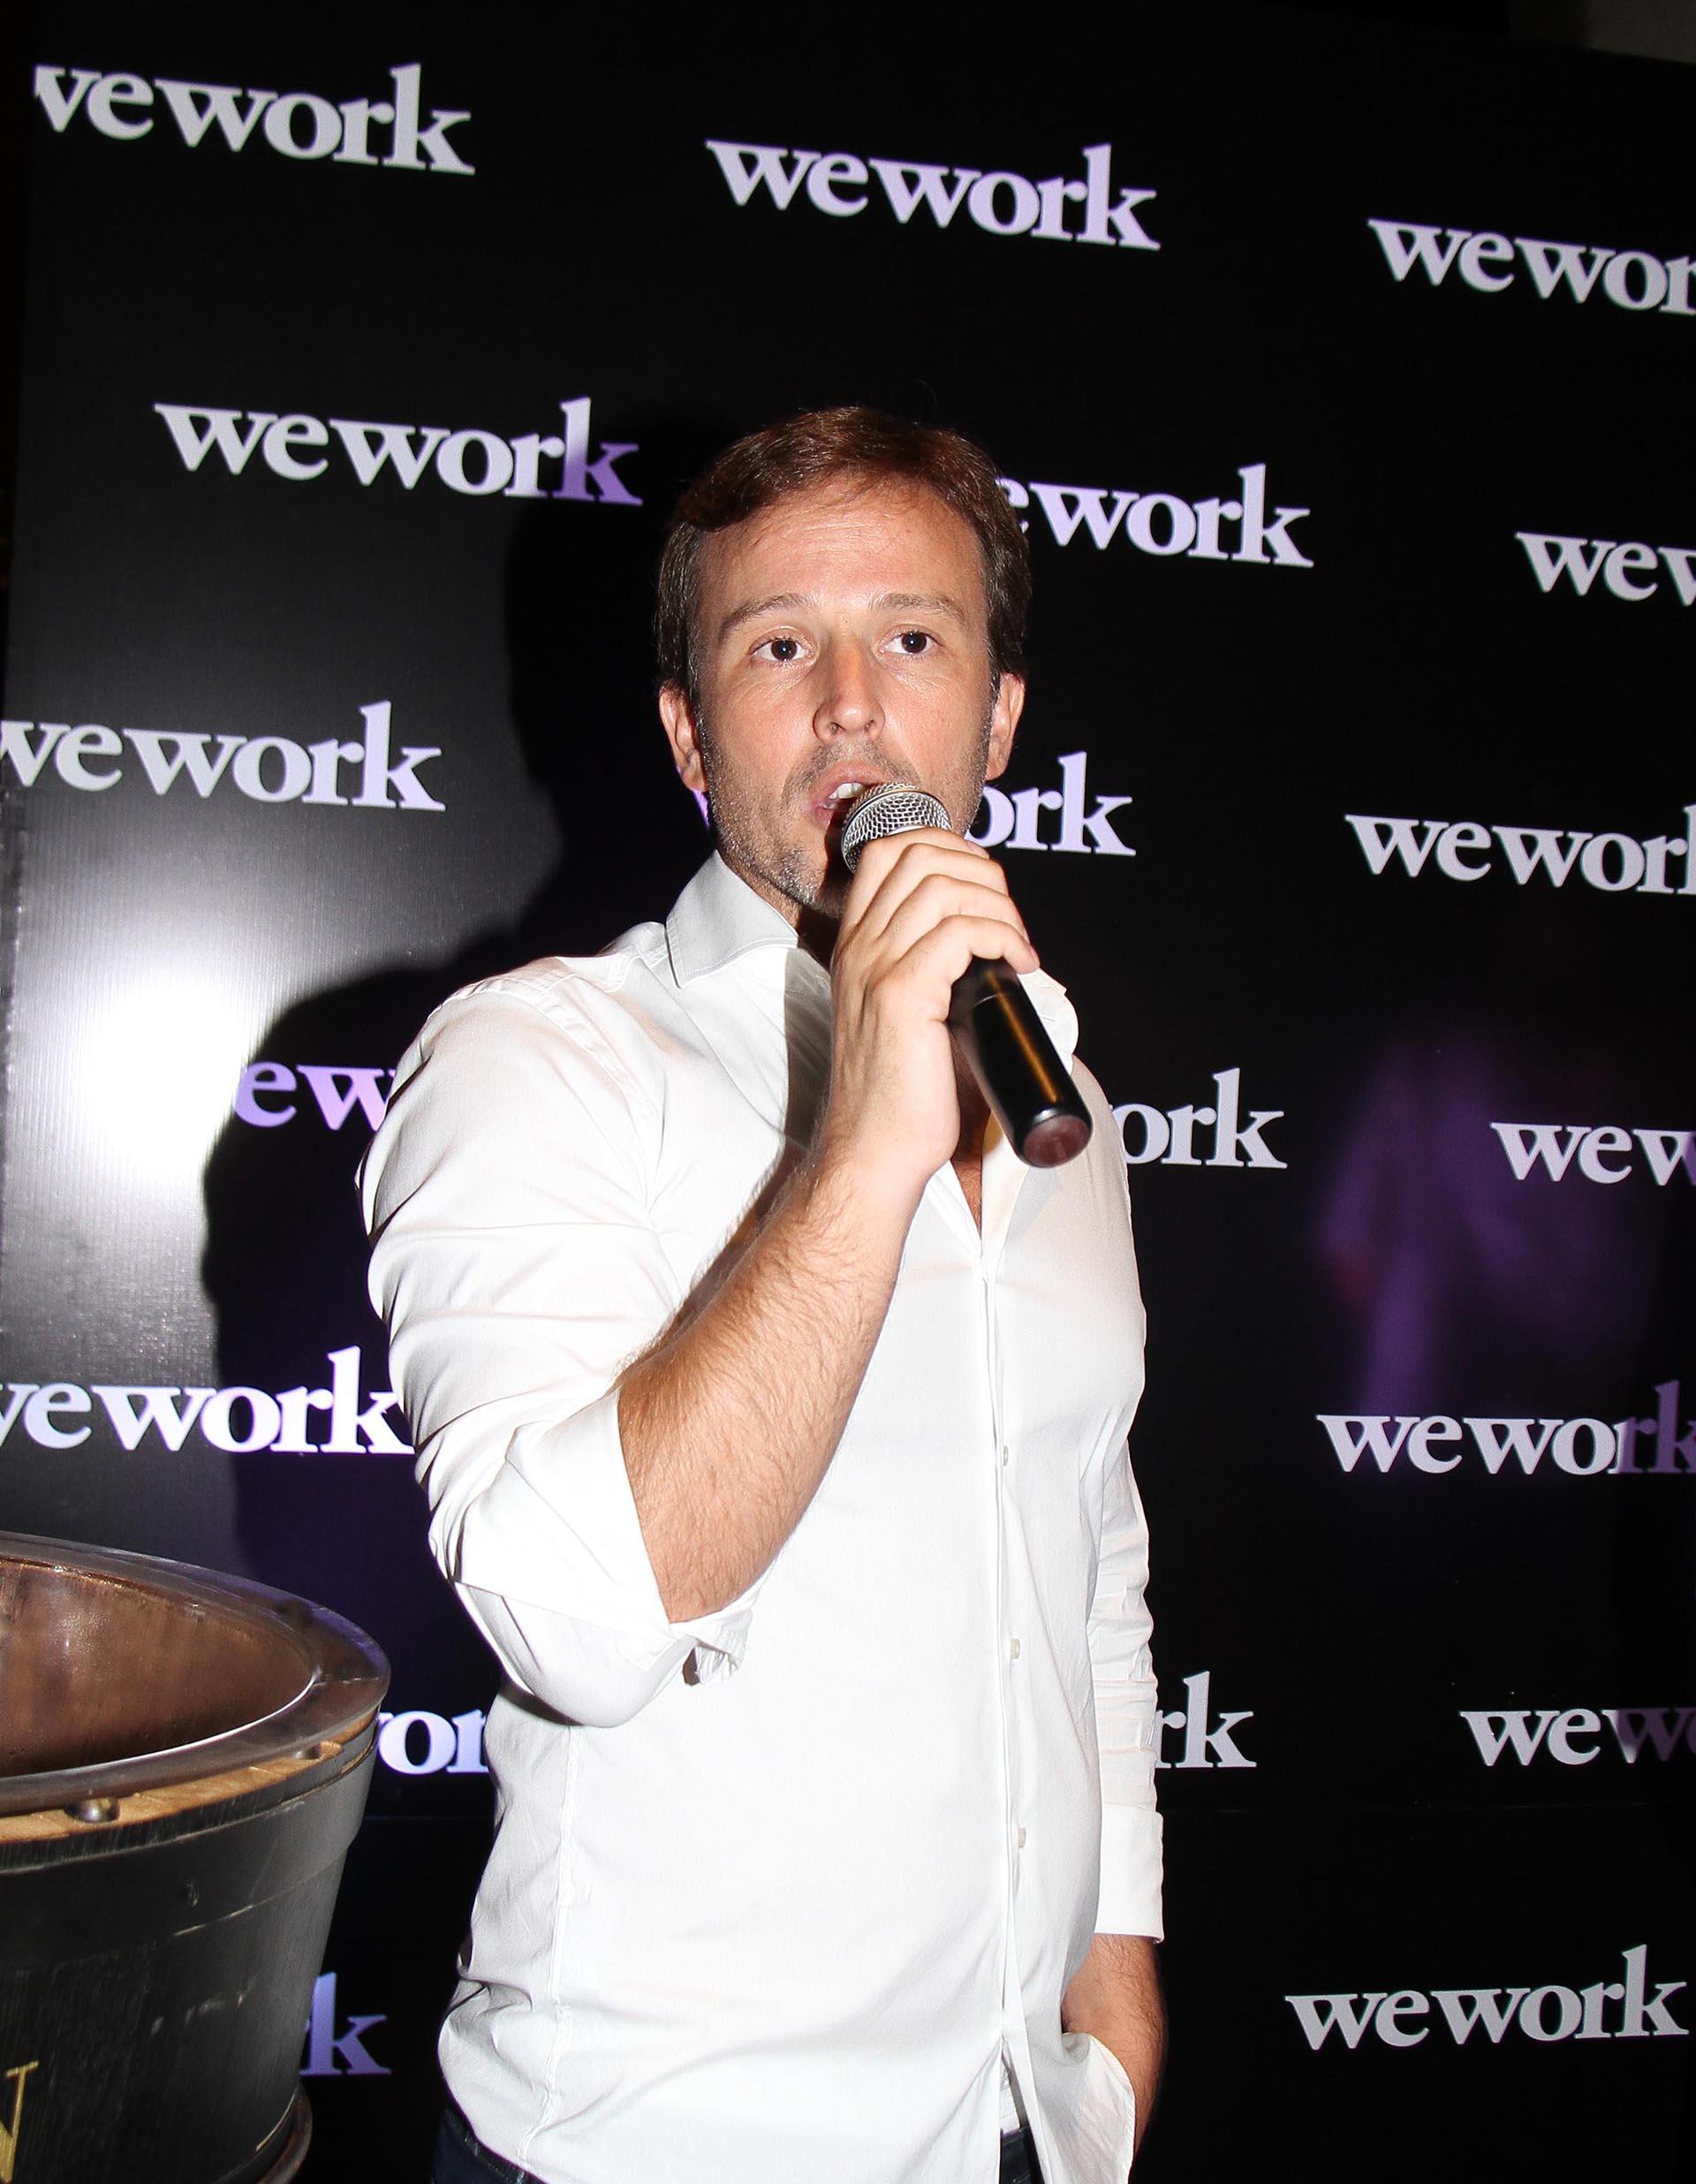 Carlos Gareis, Head of Business Operations Latam WeWork, durante su discurso en el cóctel, luego del cual se realizó un exclusivo tour por una importante bodega